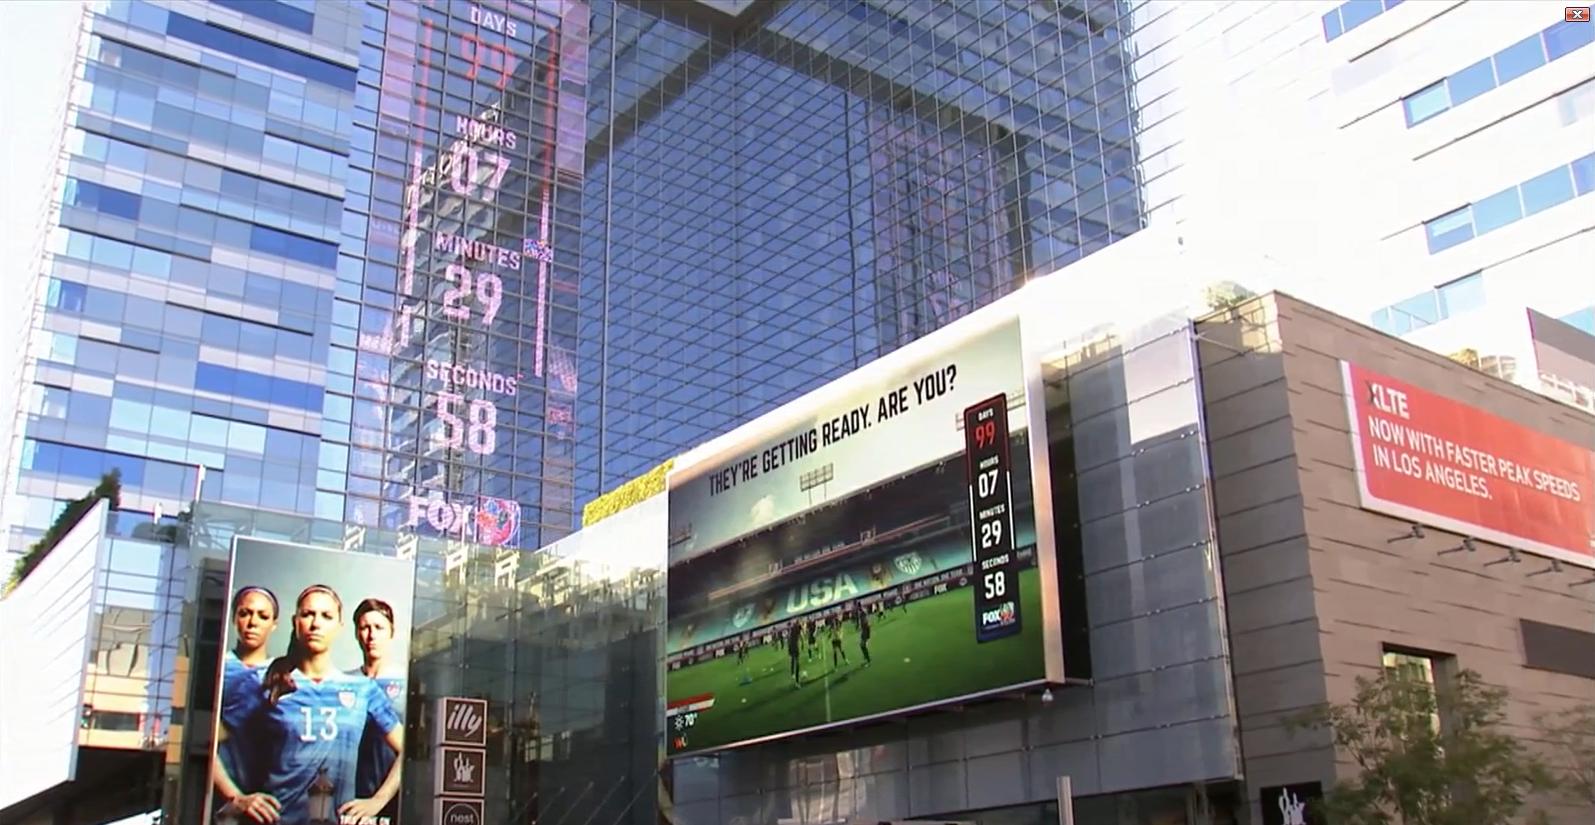 ロスアンジェルスの娯楽施設で、女子サッカーW杯の開催をカウントダウン